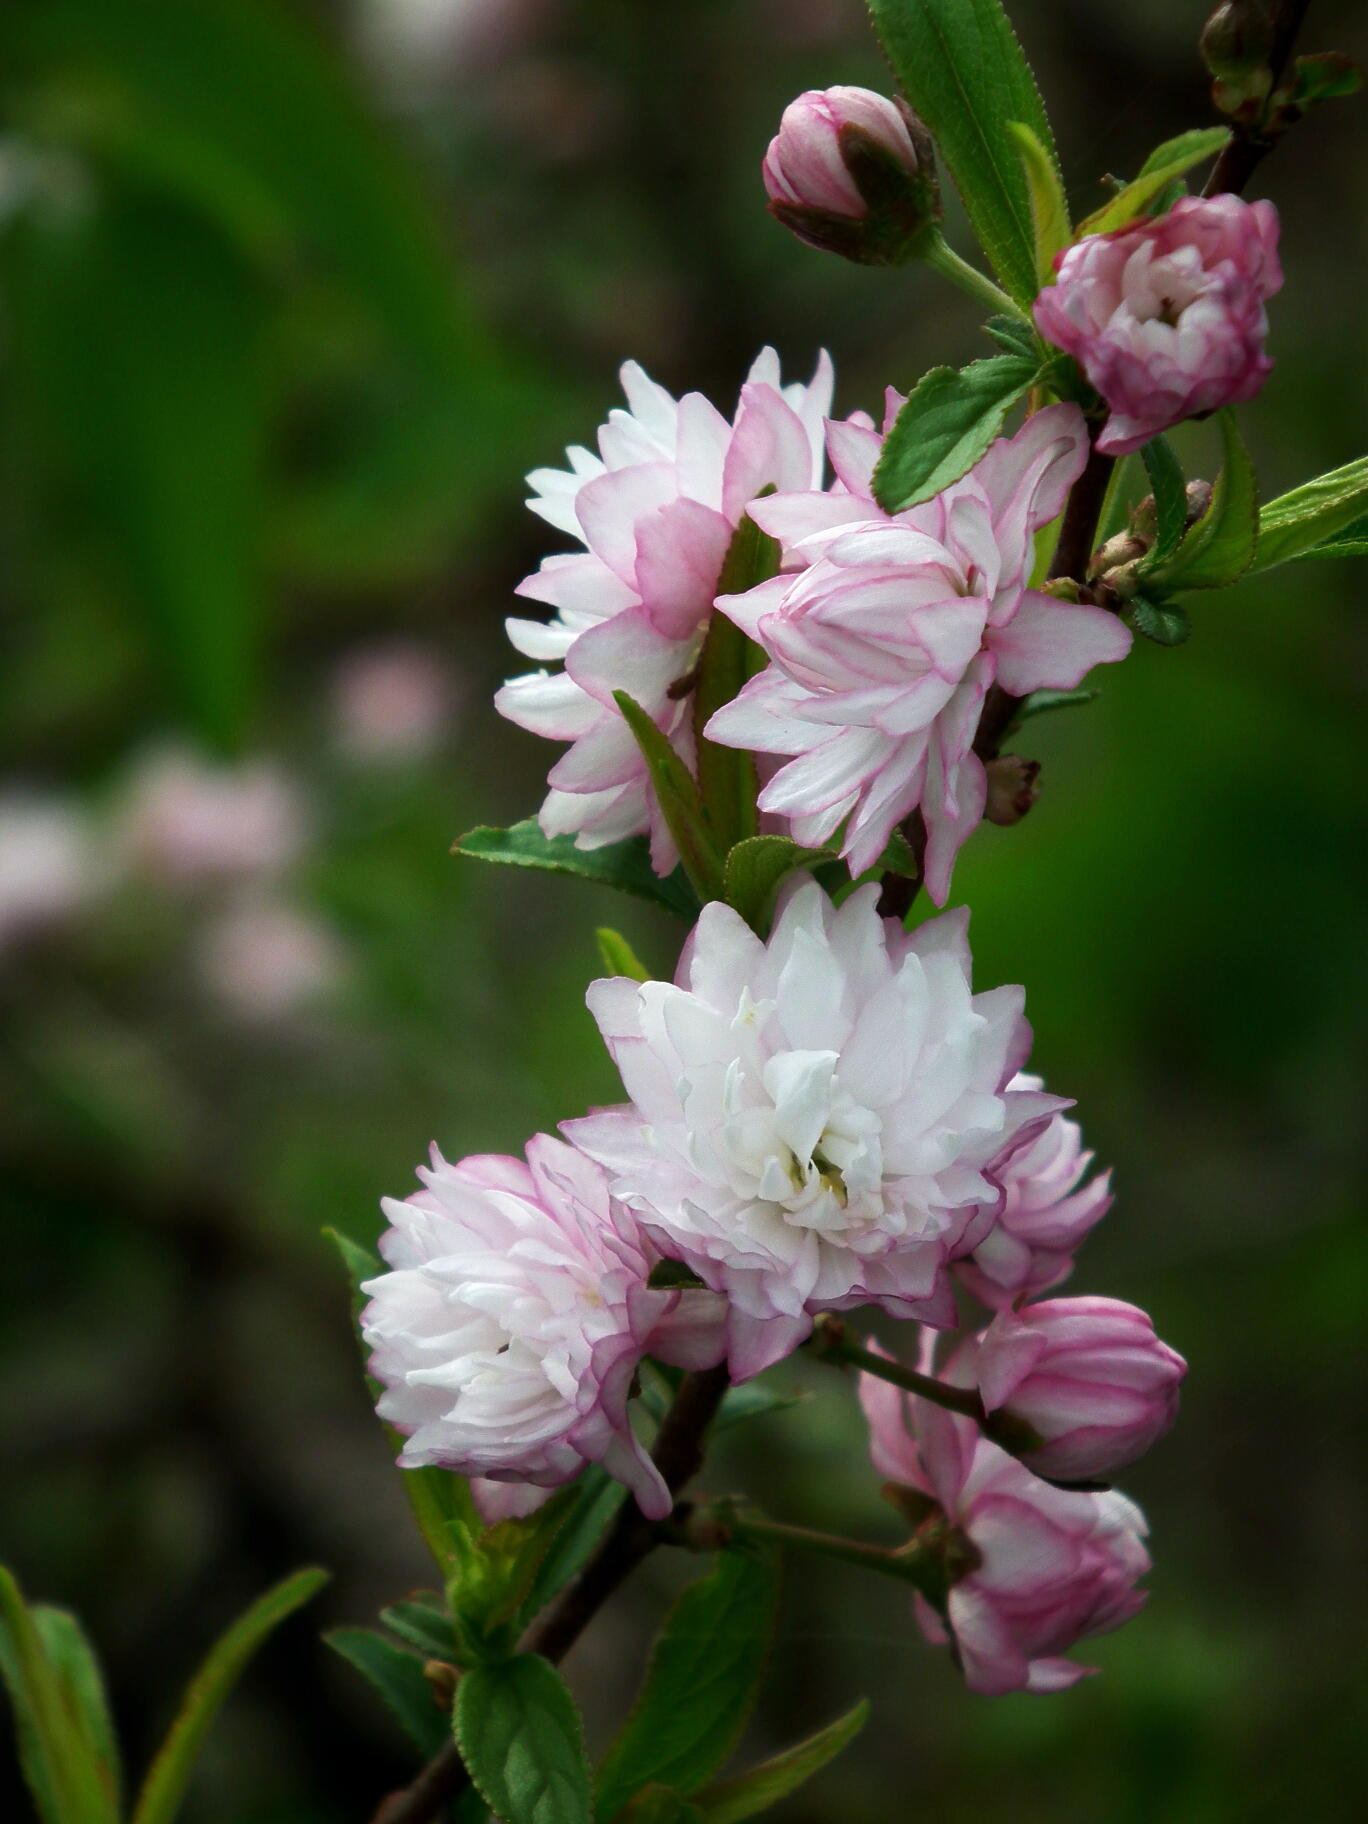 中国では麦李…日本では庭桜_e0064158_23552220.jpg